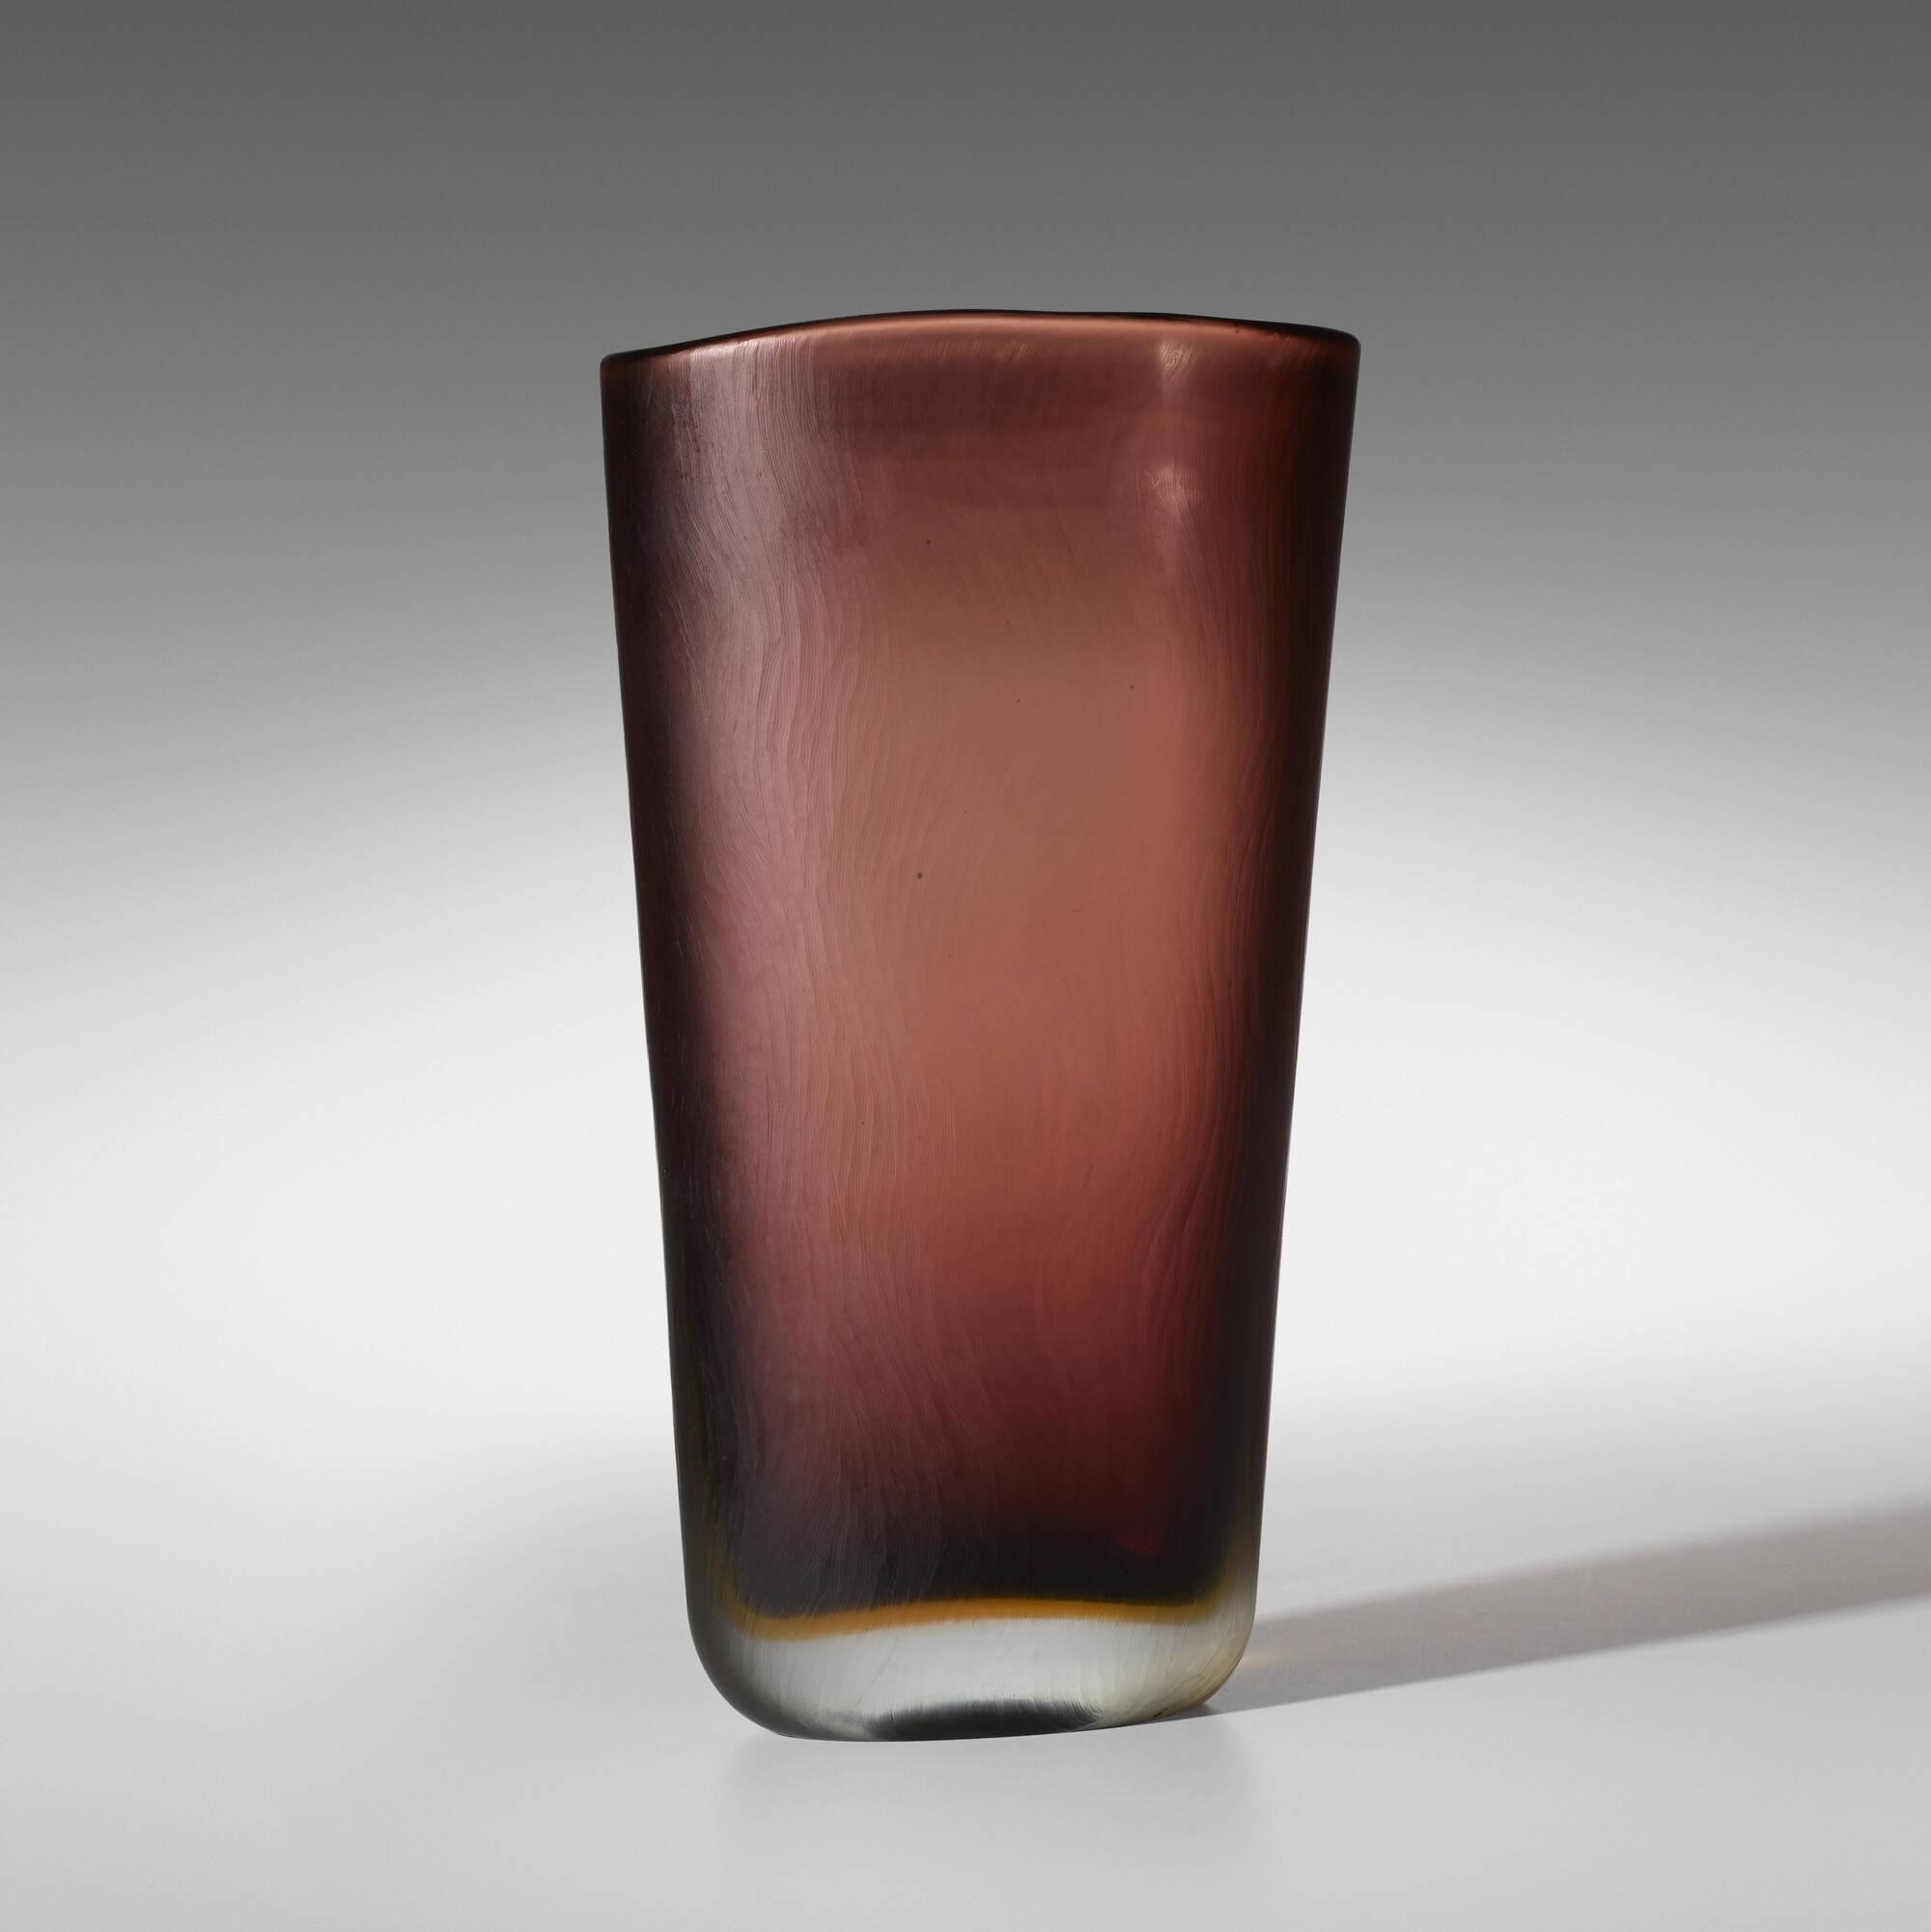 157: Paolo Venini / unique Inciso vase (1 of 2)